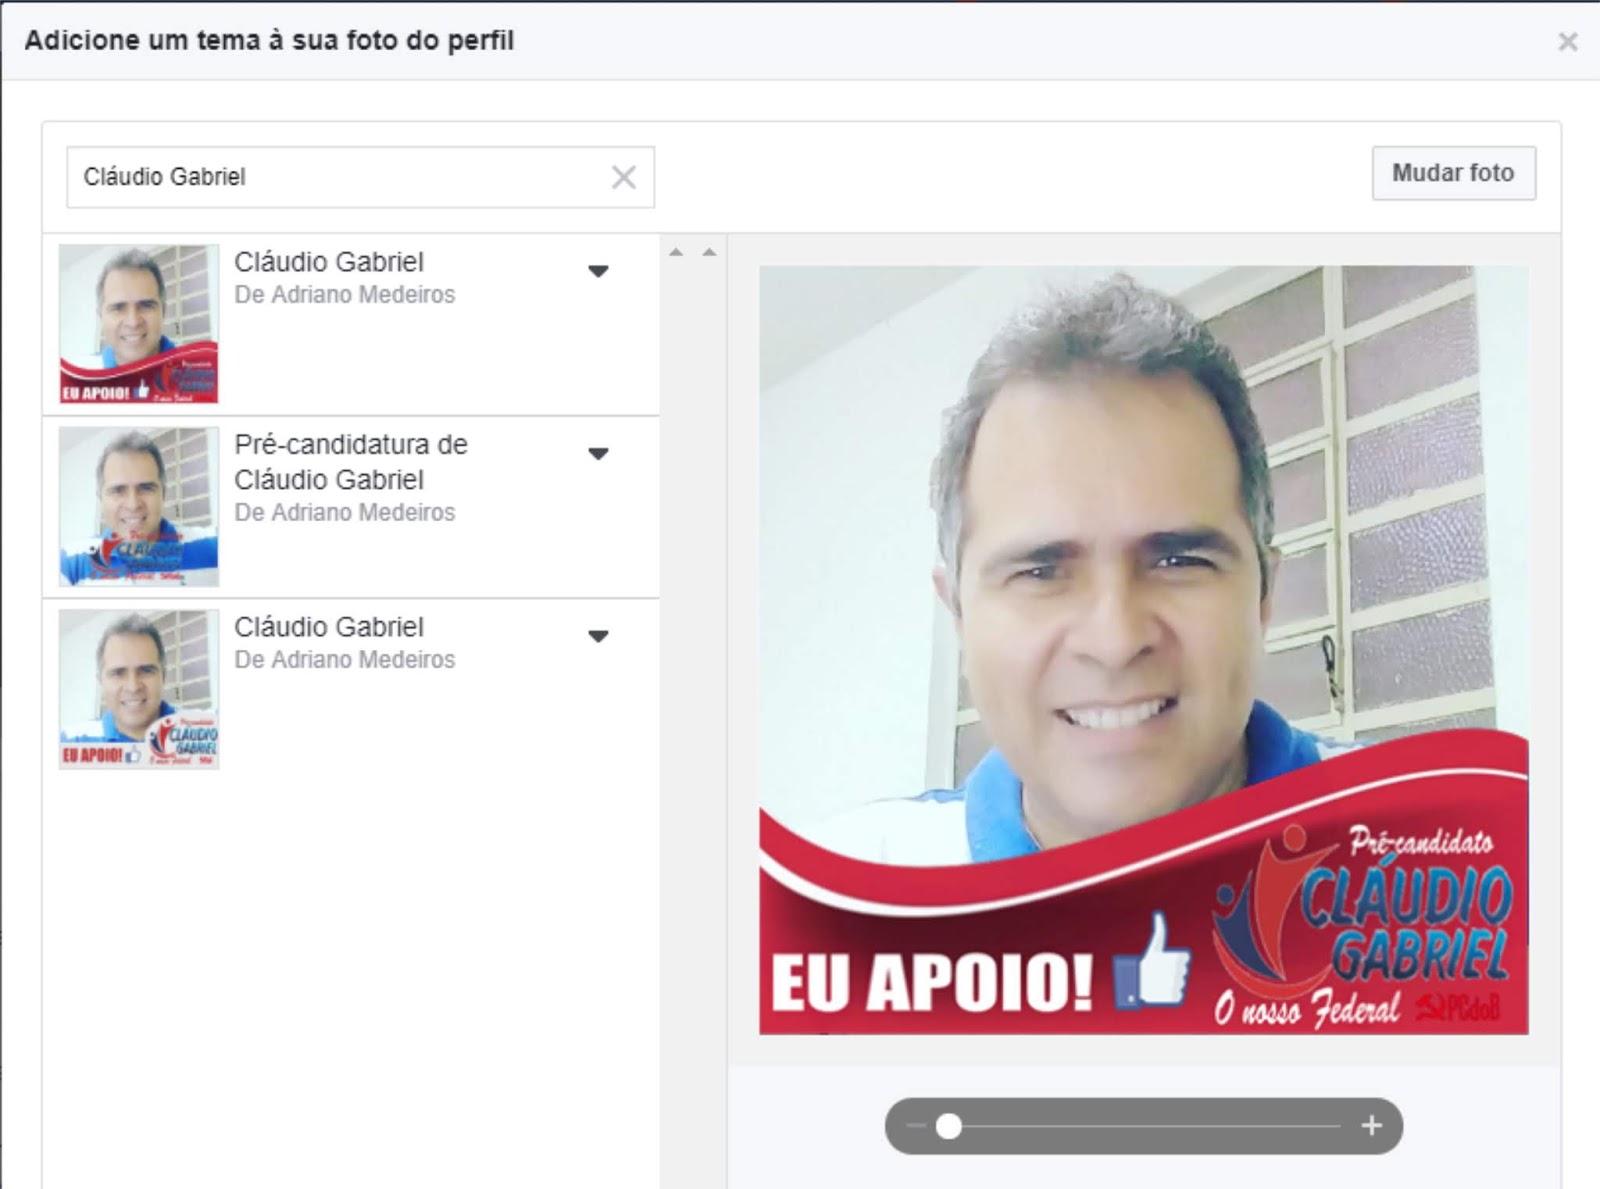 Juscelino Franca Adicione Temas Da Pre Candidatura De Claudio